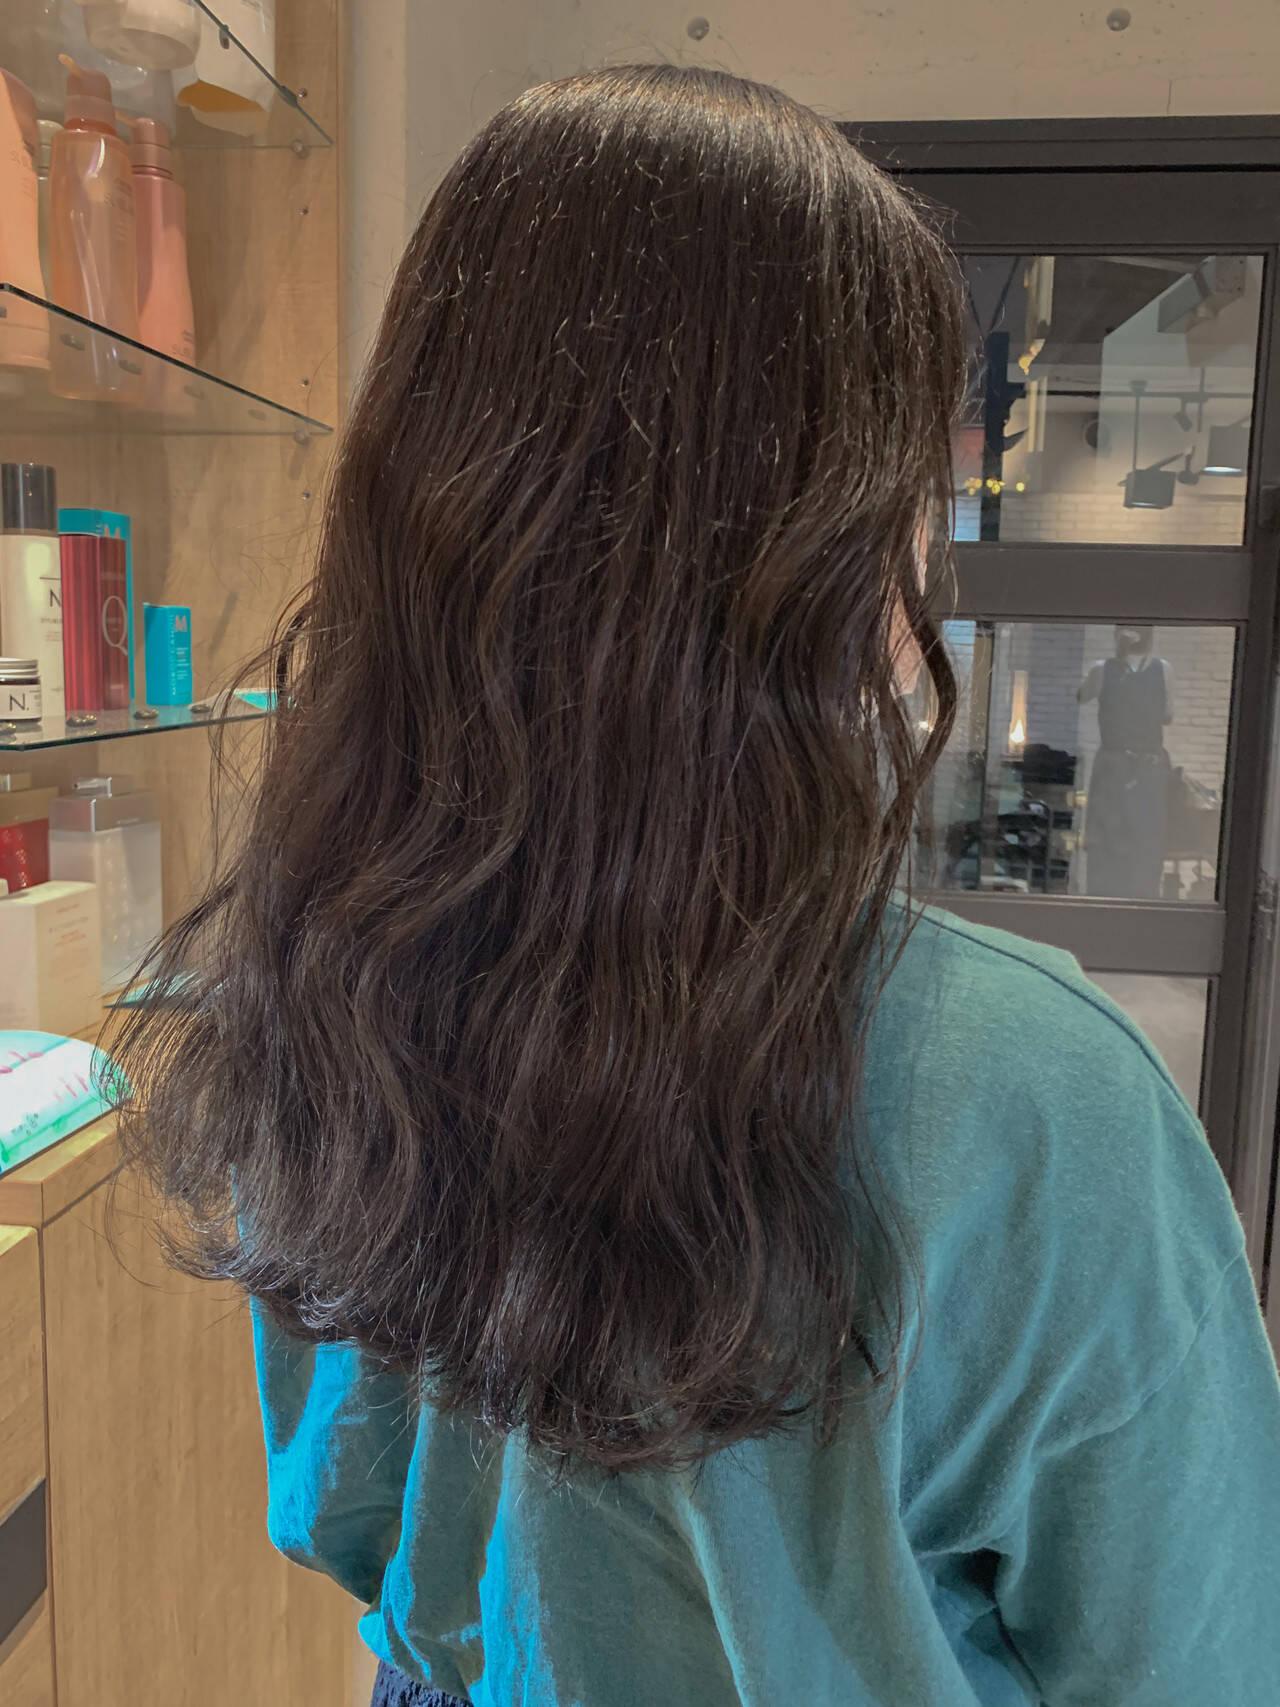 オリーブグレージュ グレージュ セミロング 韓国ヘアヘアスタイルや髪型の写真・画像